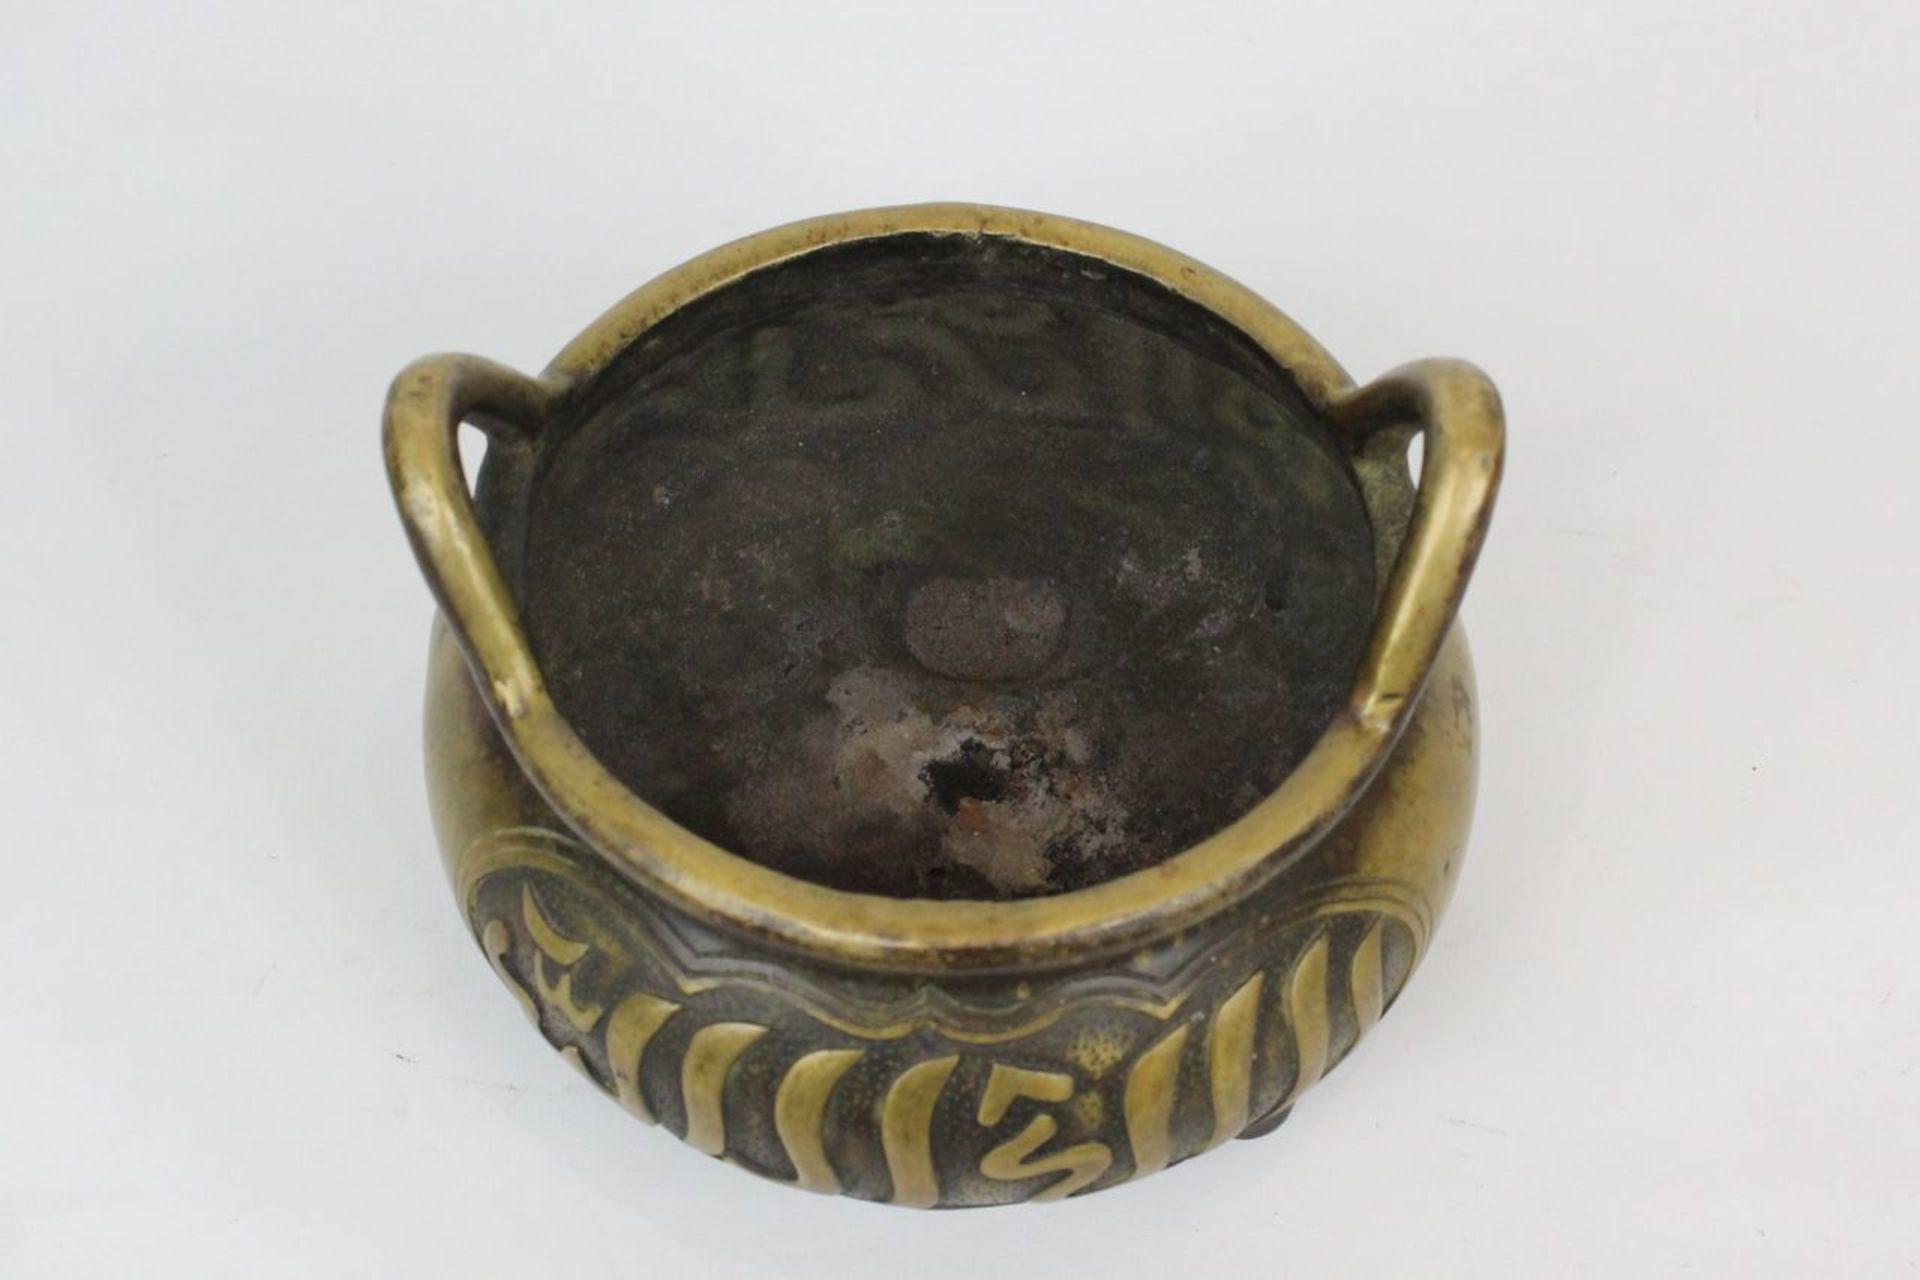 China, Großer seltener Ming Tripot Weihrauchbrenner - Image 15 of 15